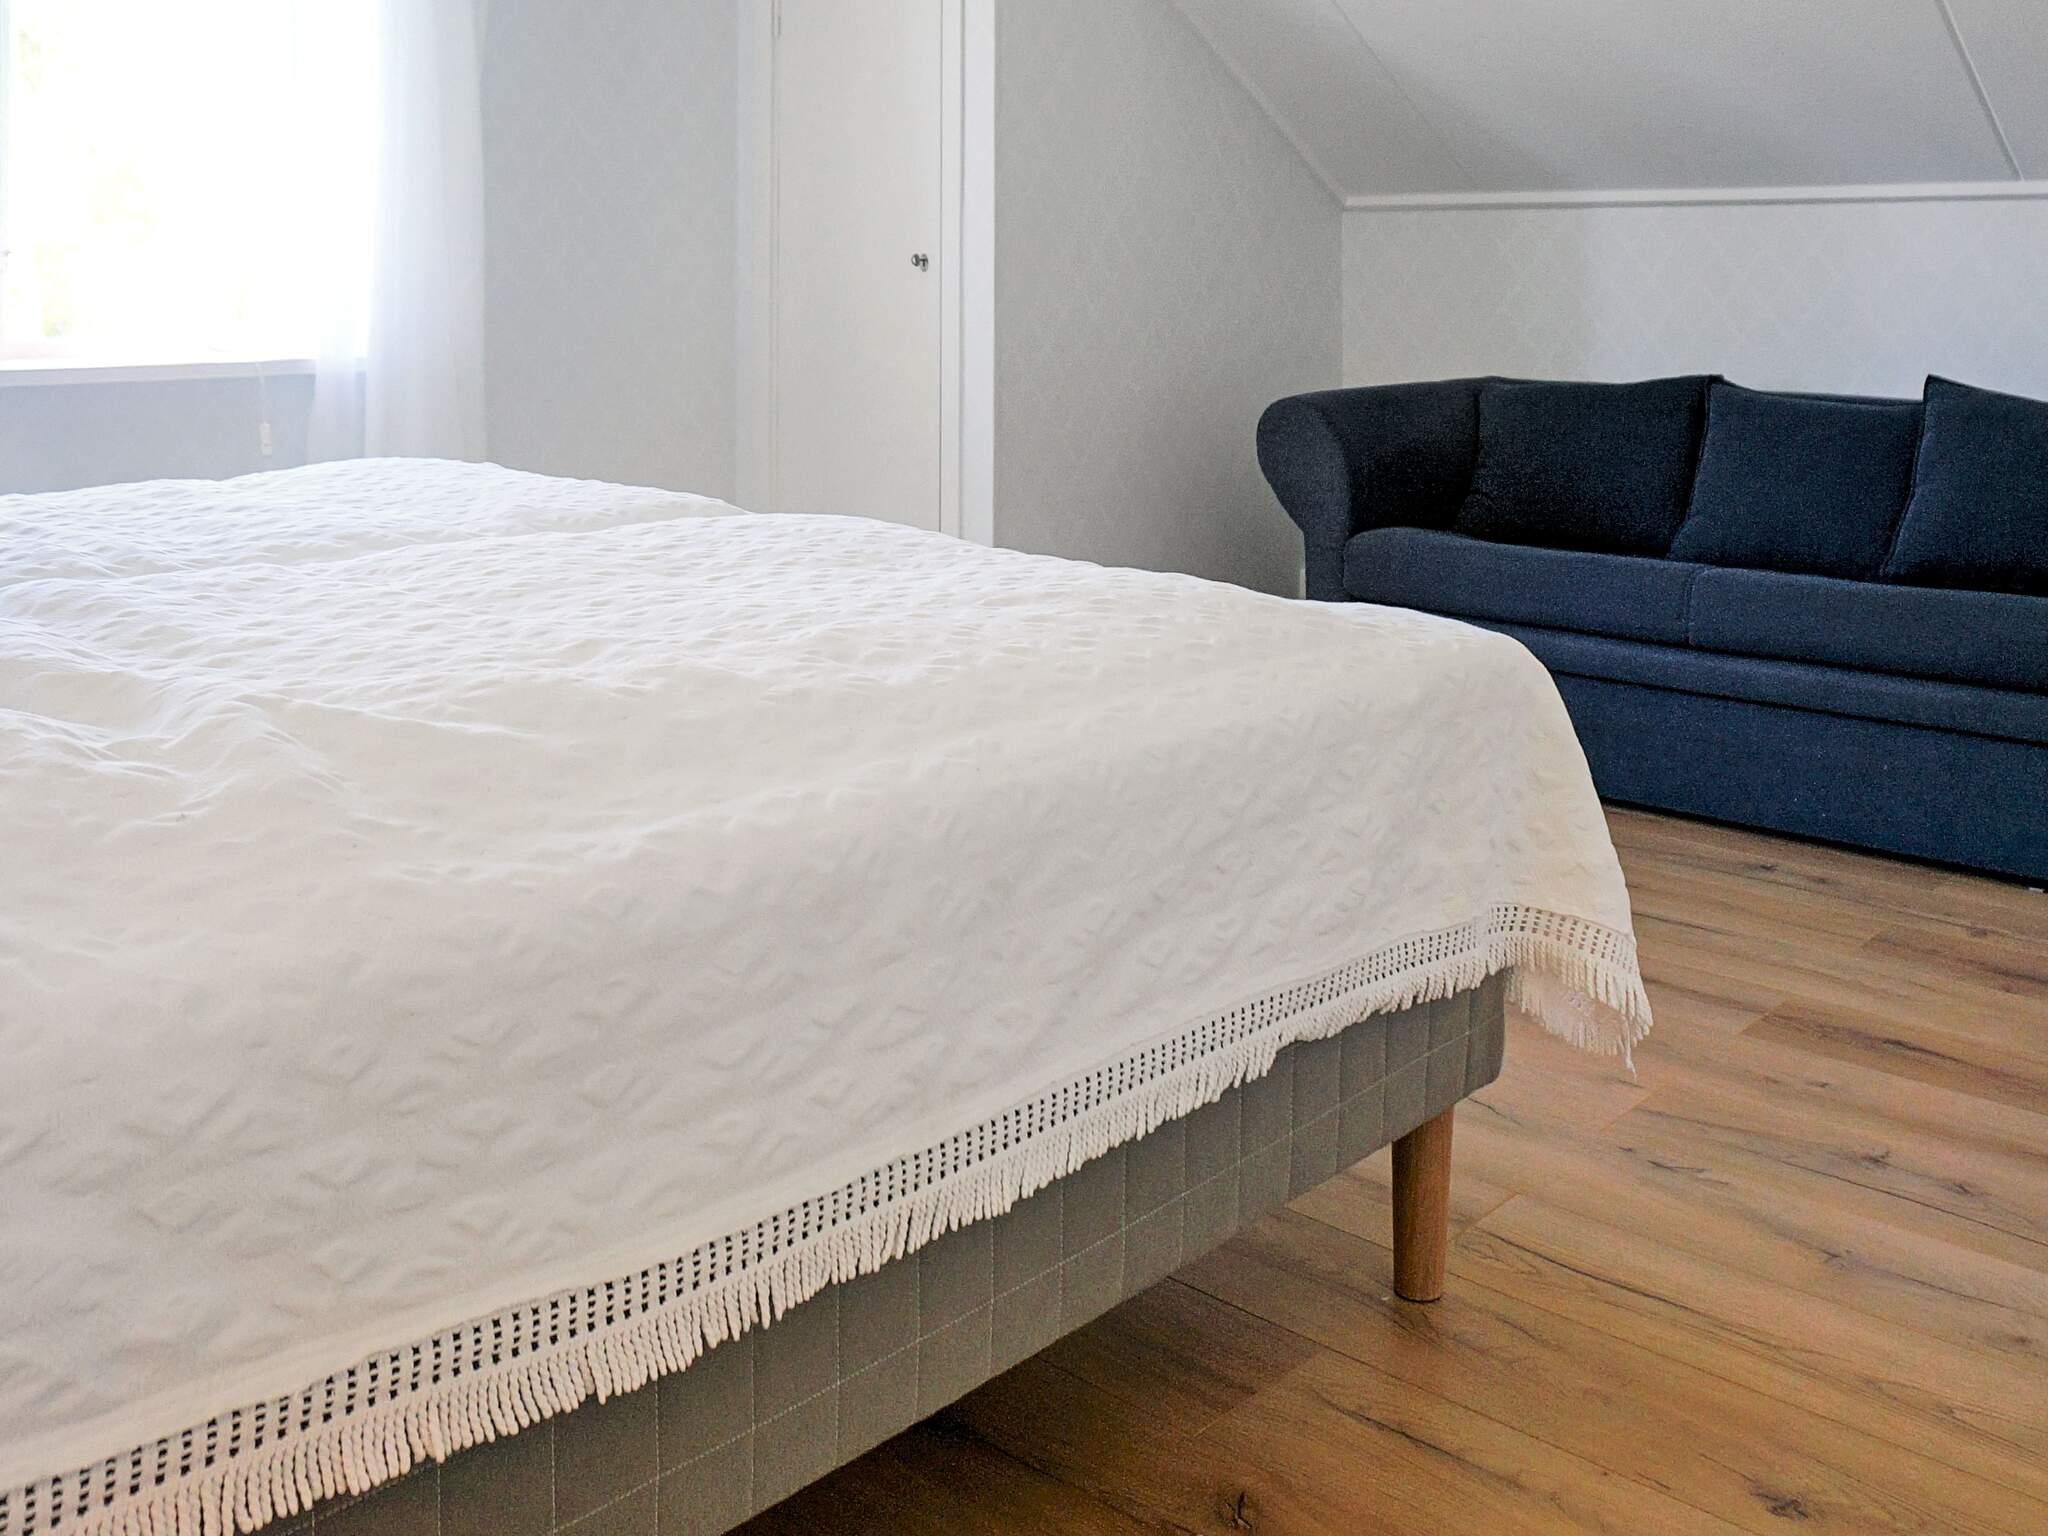 Ferienhaus Hova (432882), Hova, Västra Götaland län, Westschweden, Schweden, Bild 29